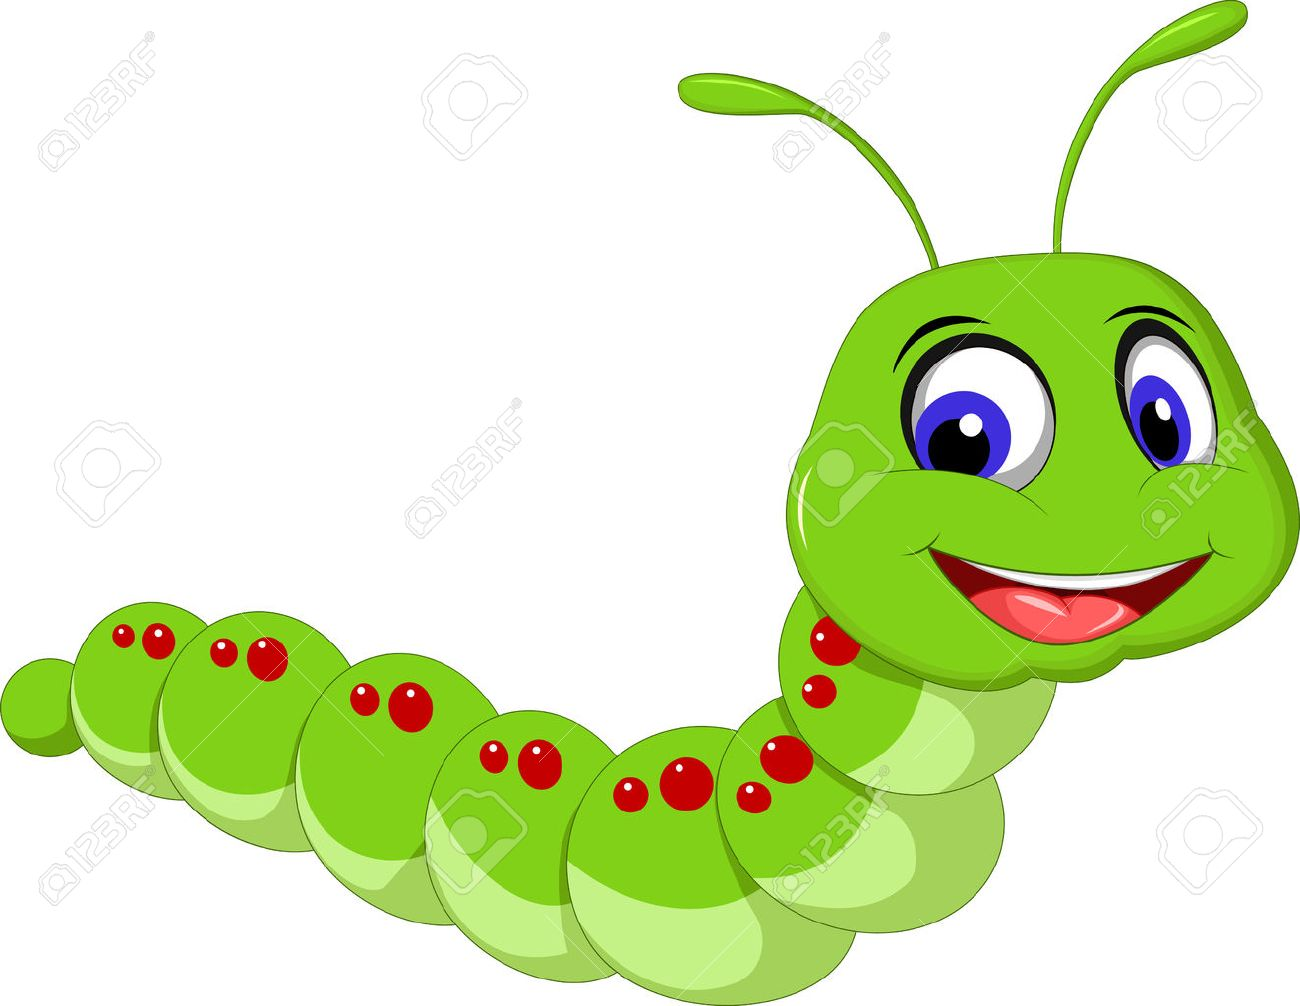 Cute caterpillar clipart 5 » Clipart Station.